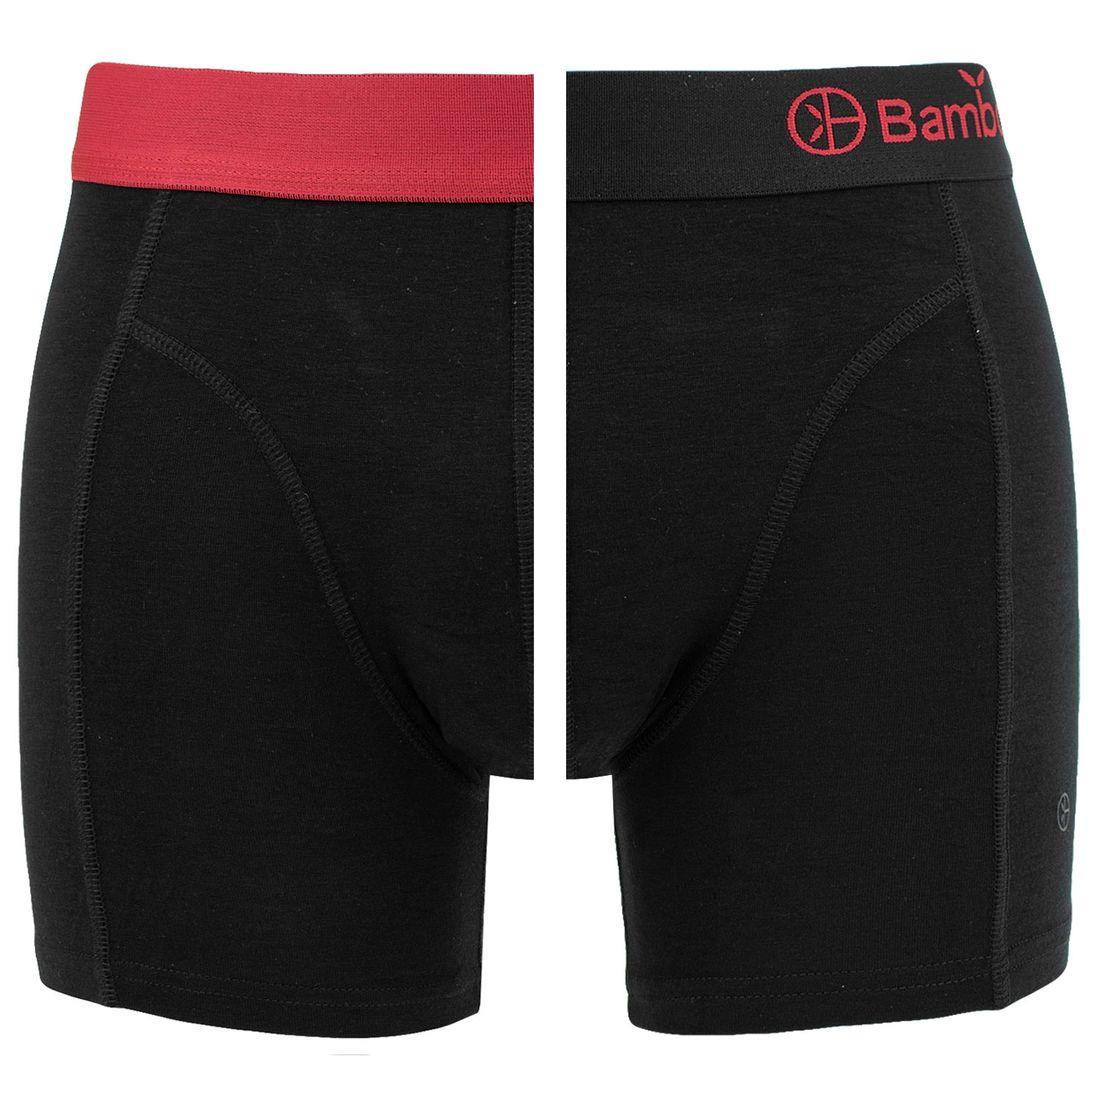 Afbeelding van Bamboo Basics boxers levi 2 pack zwart & rood heren